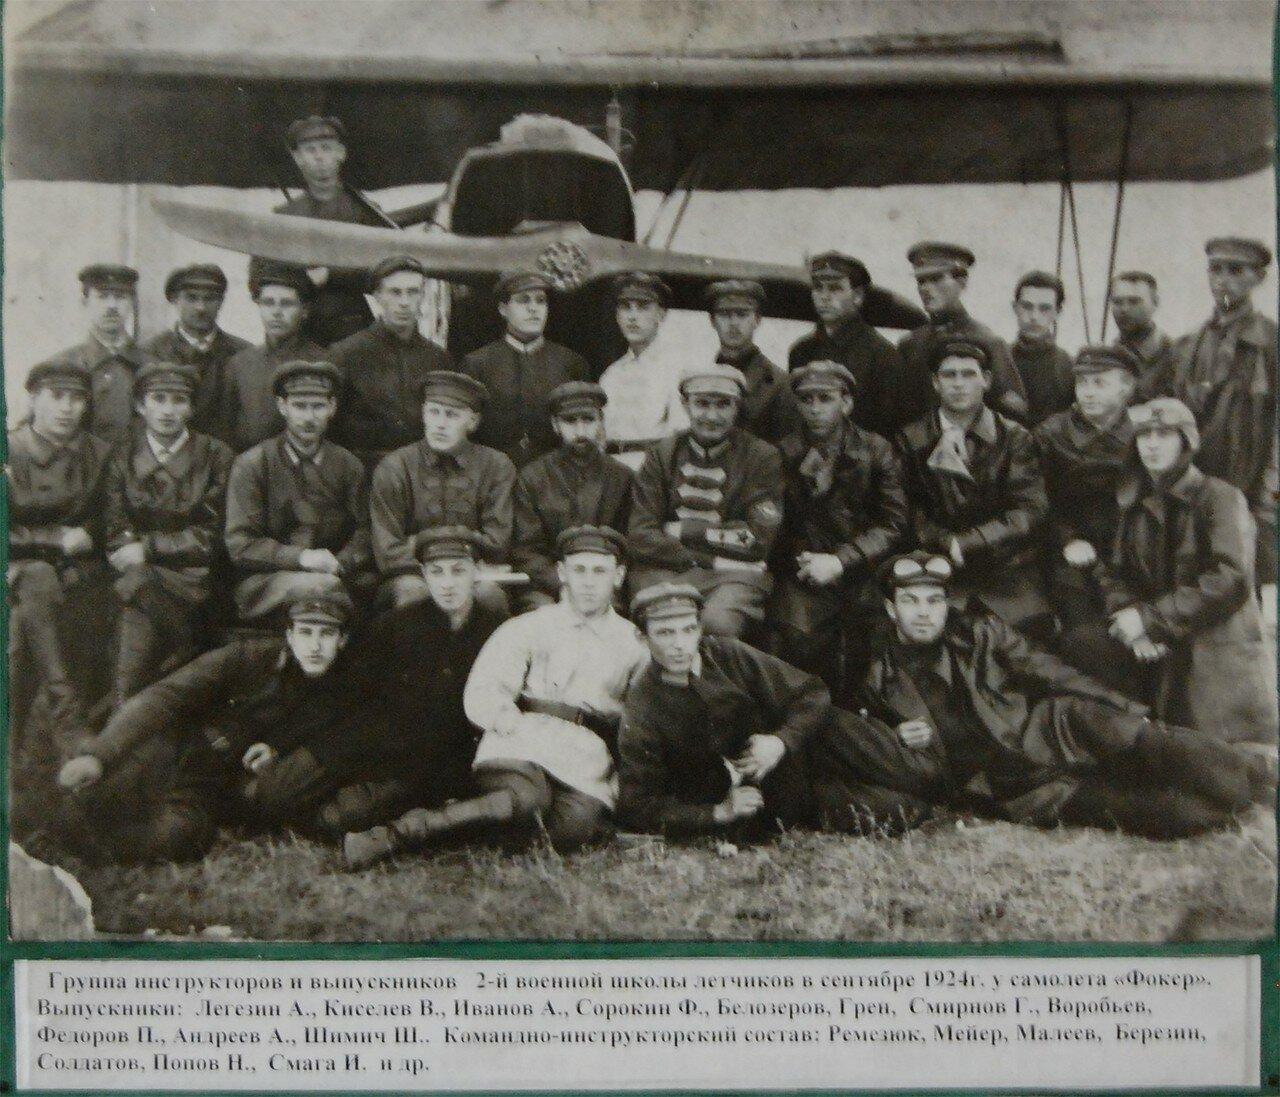 1924. Группа инструкторов и выпускников 2-й ВШЛ